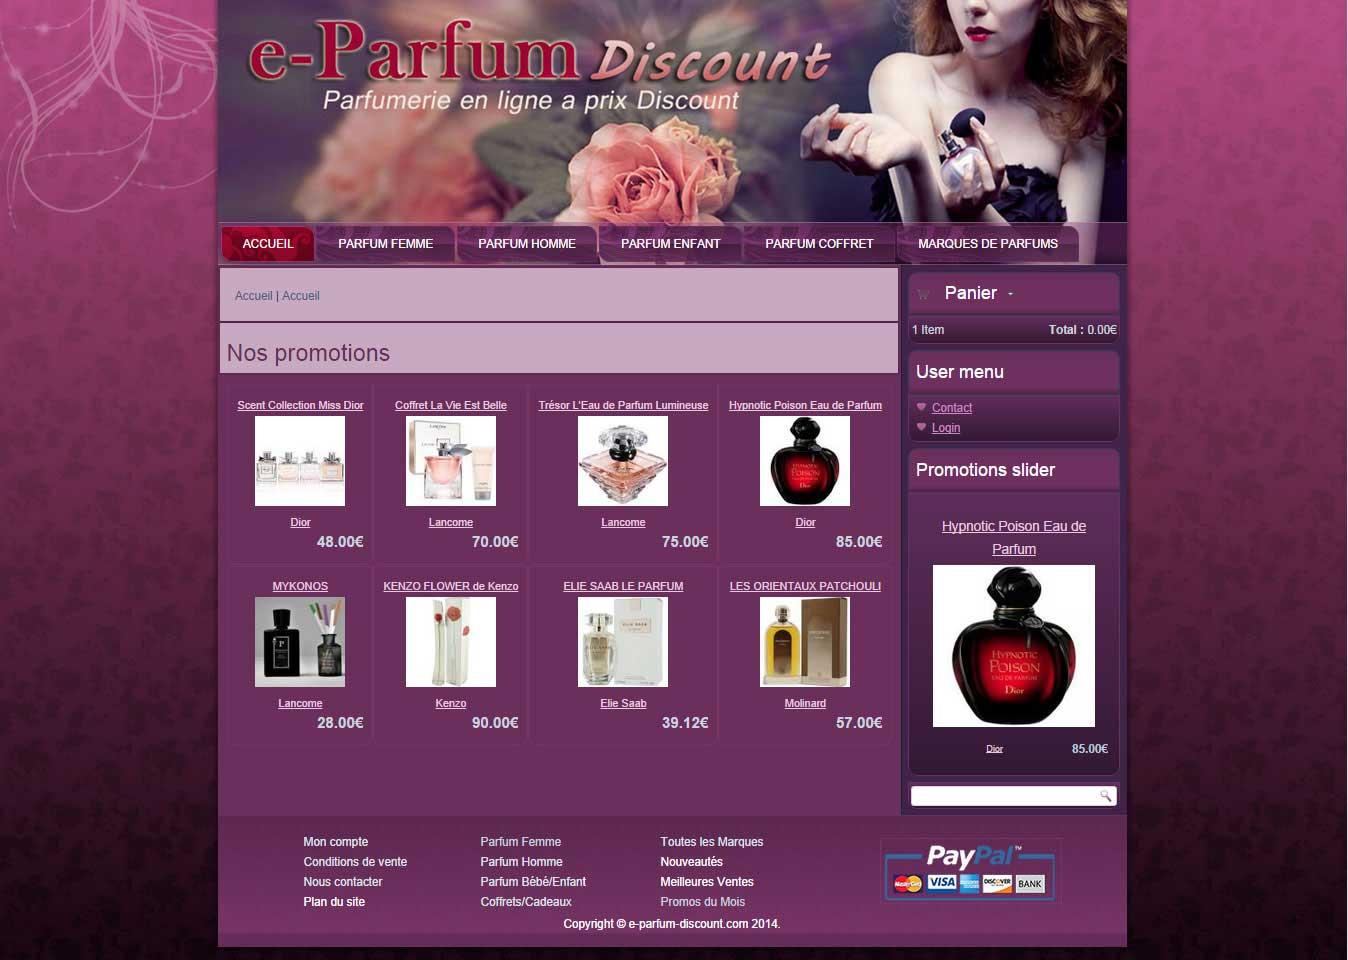 E-parfum